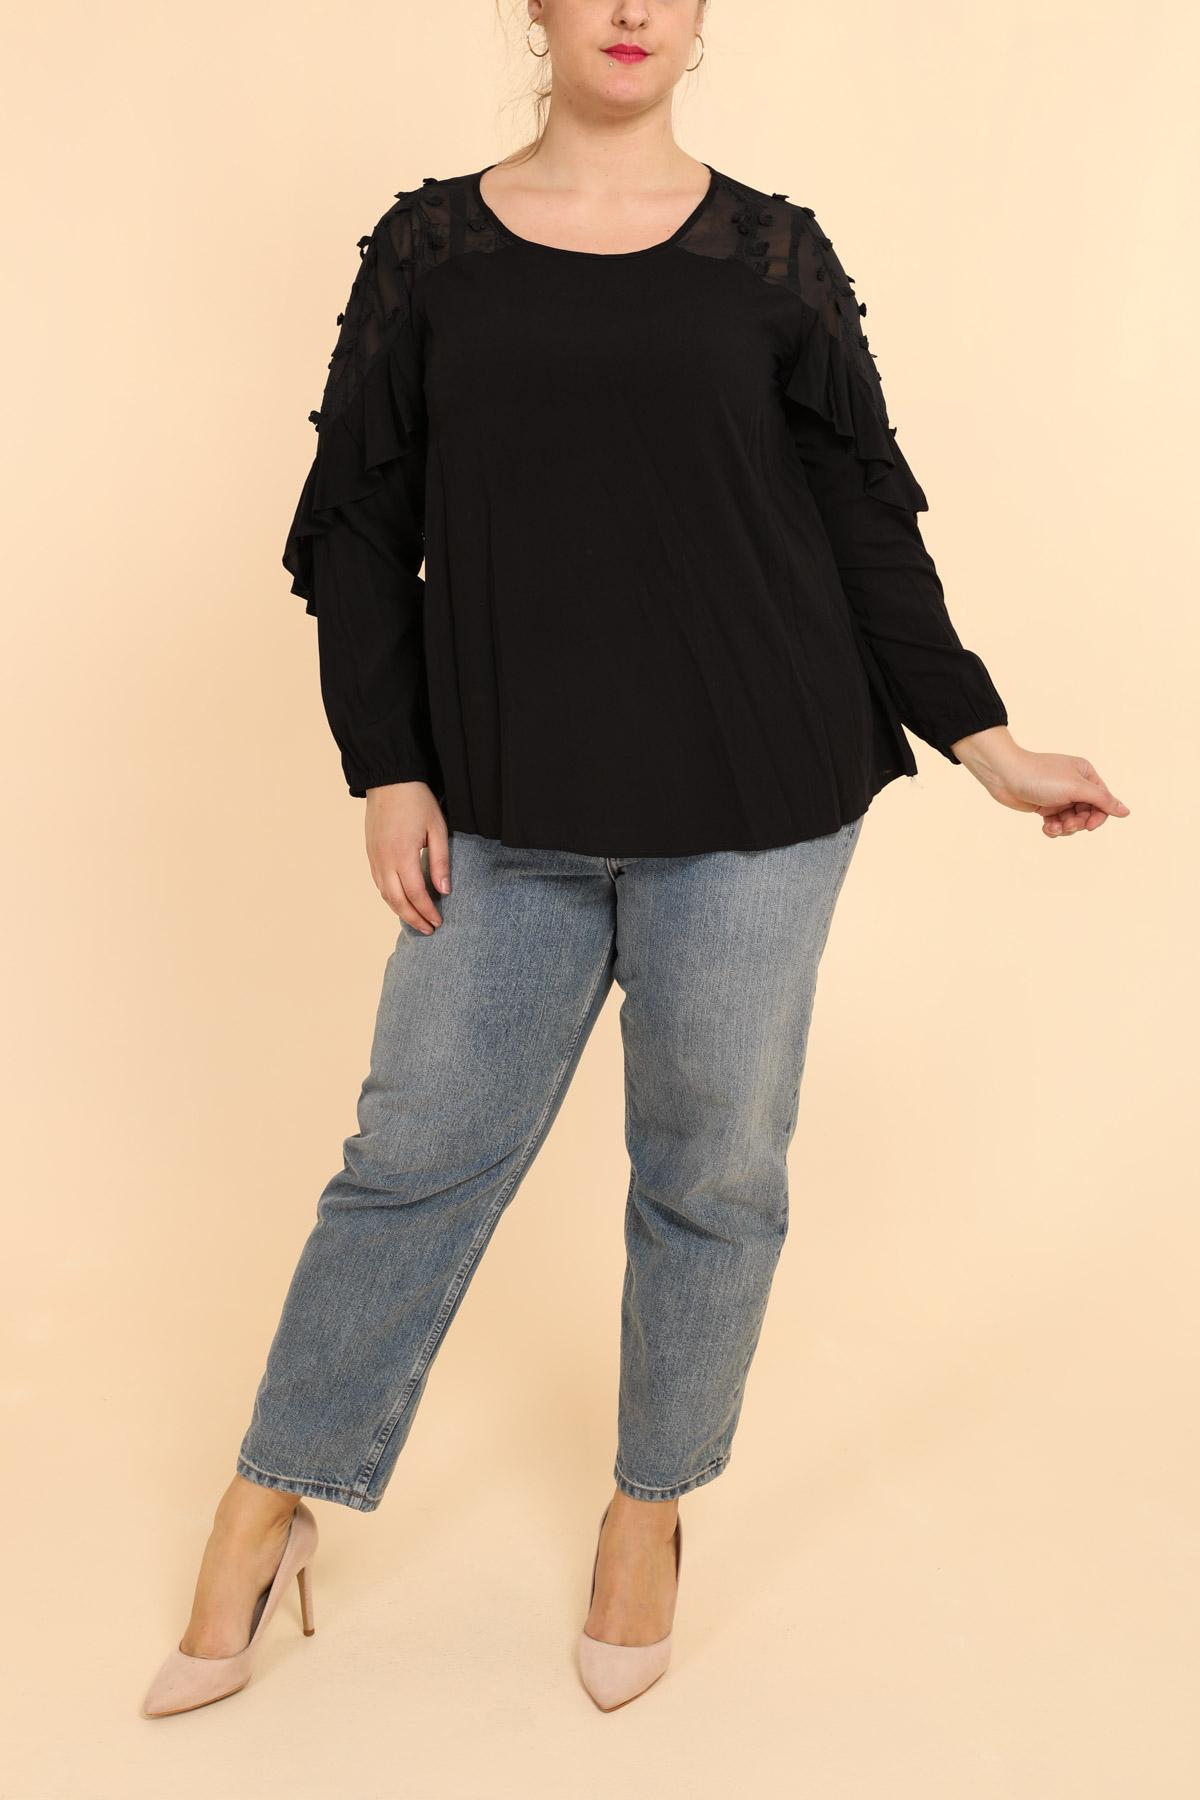 blouse grande taille femme pomme rouge c6187 noir 42-56